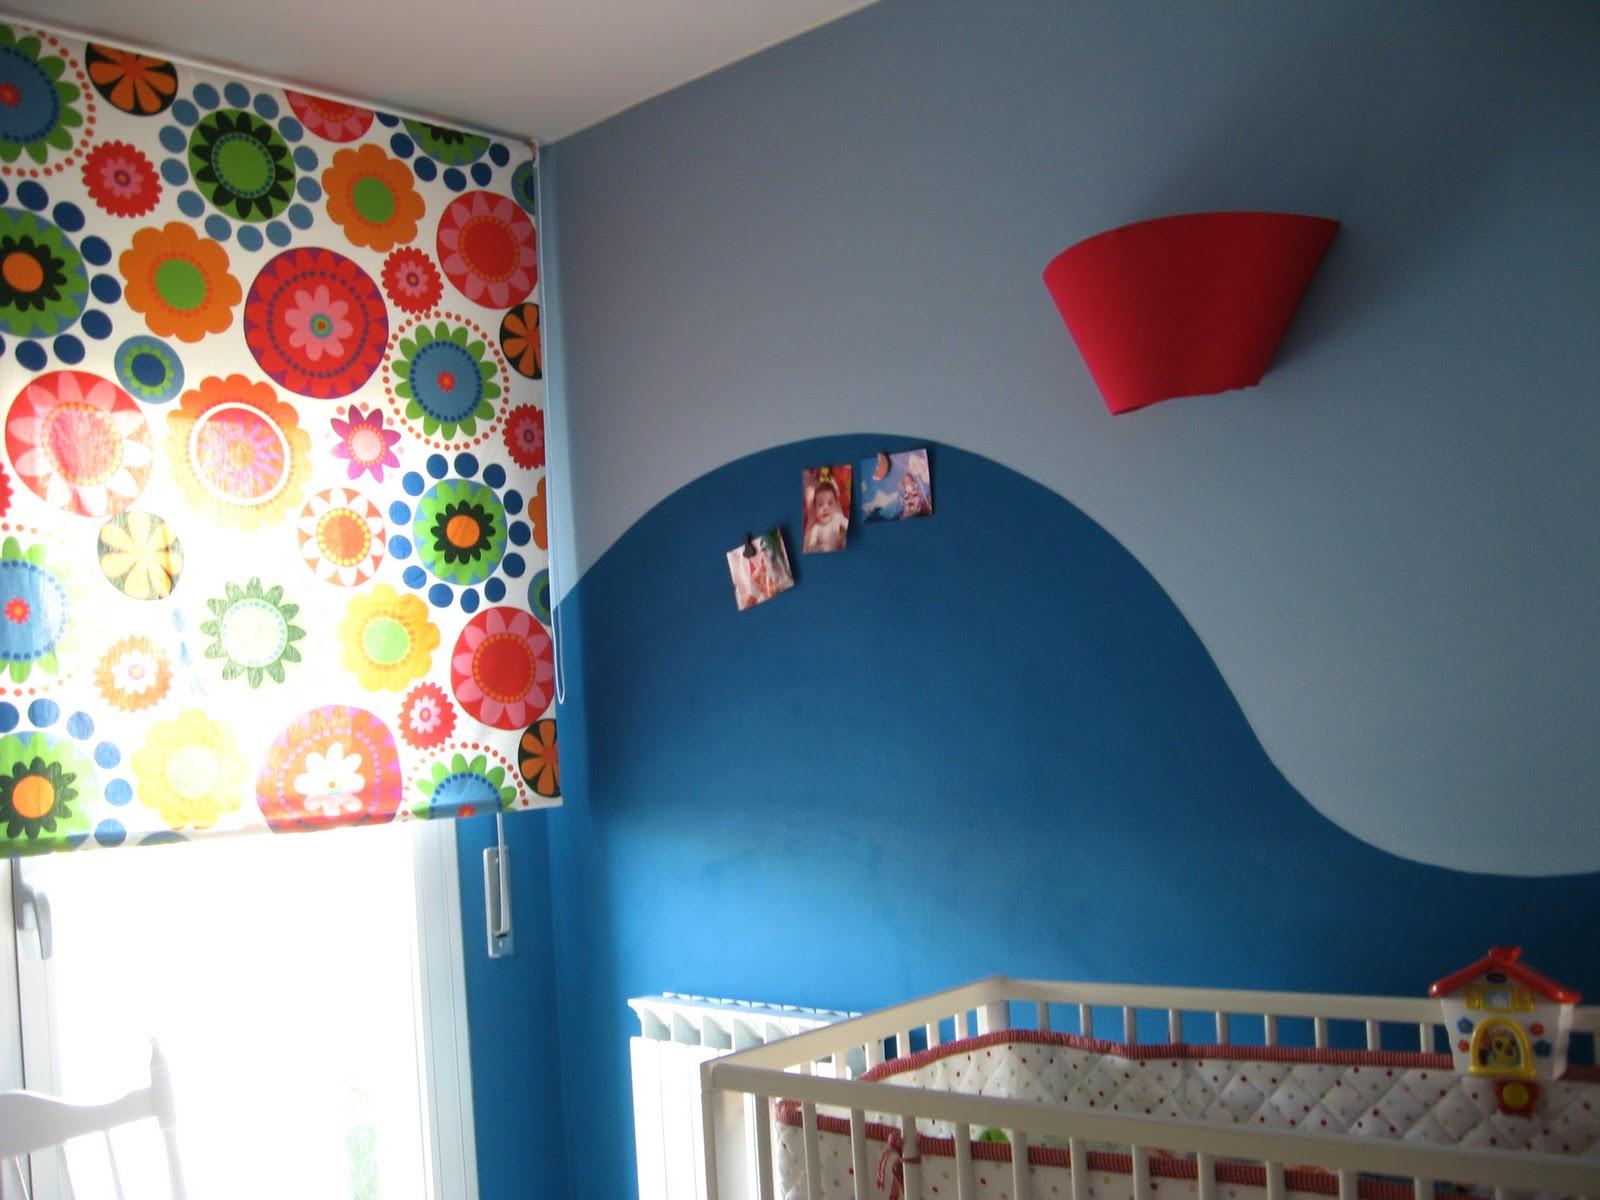 La forma delle nuvole decorare la cameretta dei bambini - Disegni su parete per camerette ...